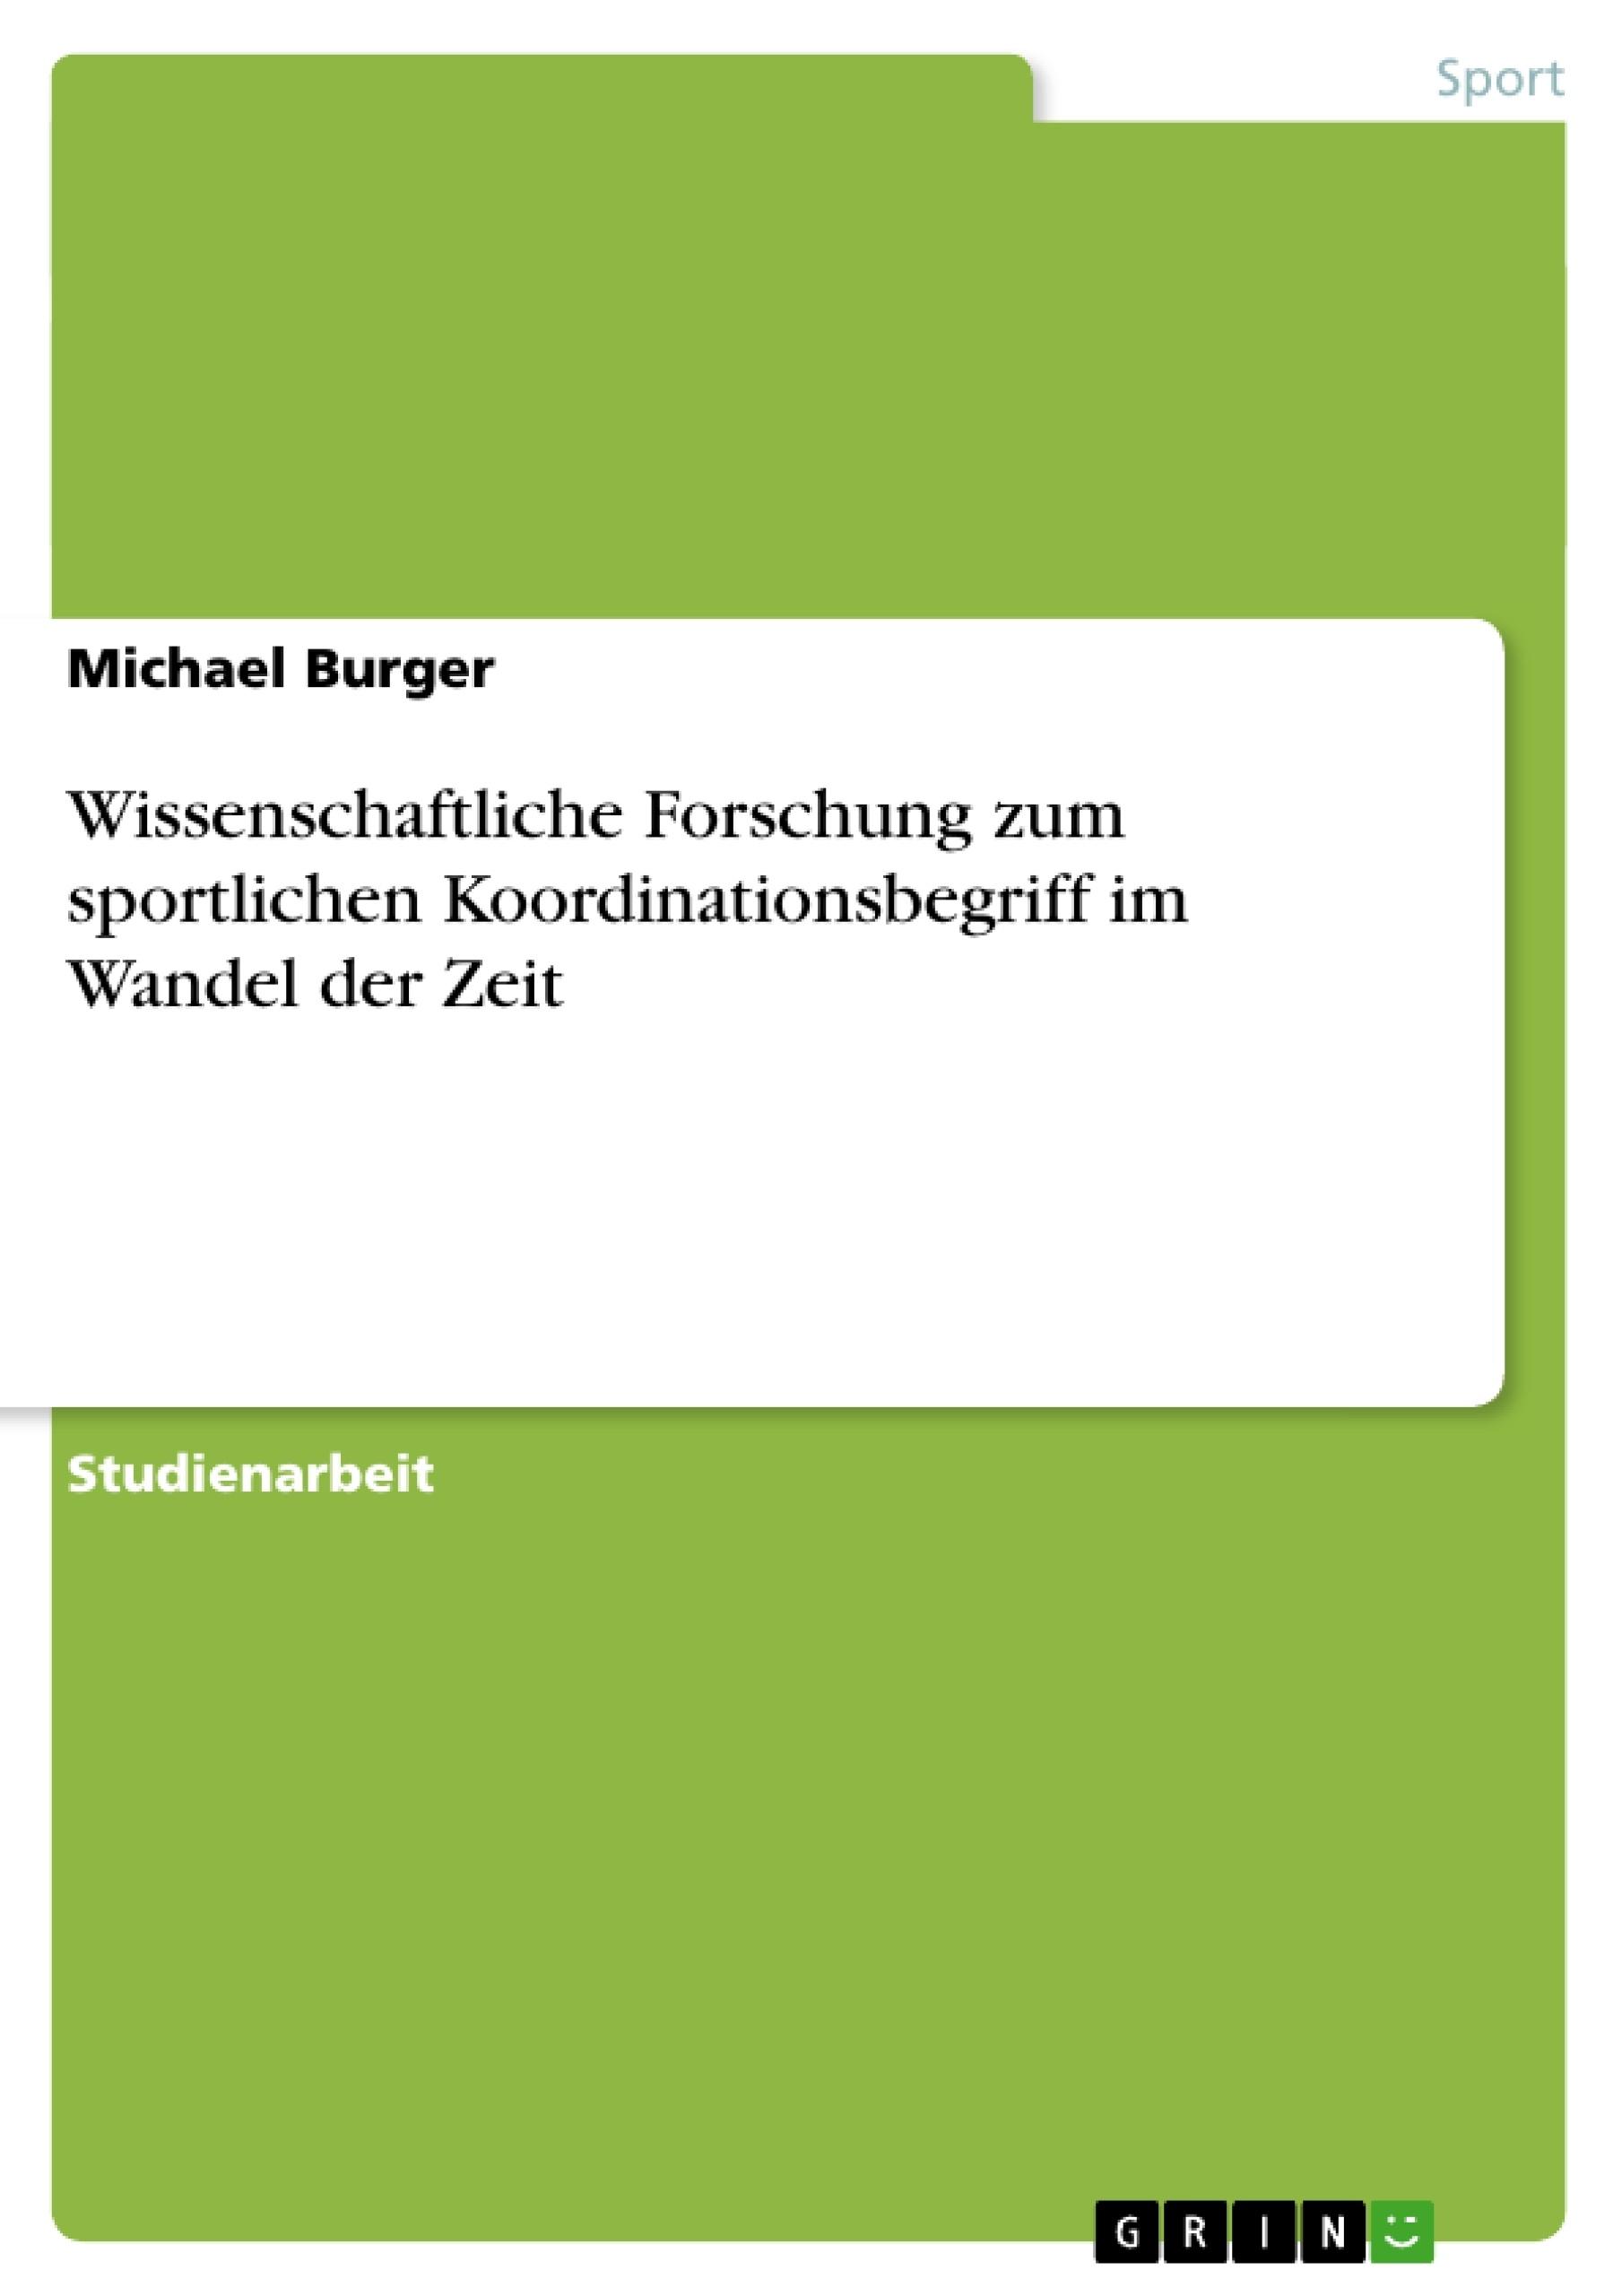 Titel: Wissenschaftliche Forschung zum sportlichen Koordinationsbegriff im Wandel der Zeit